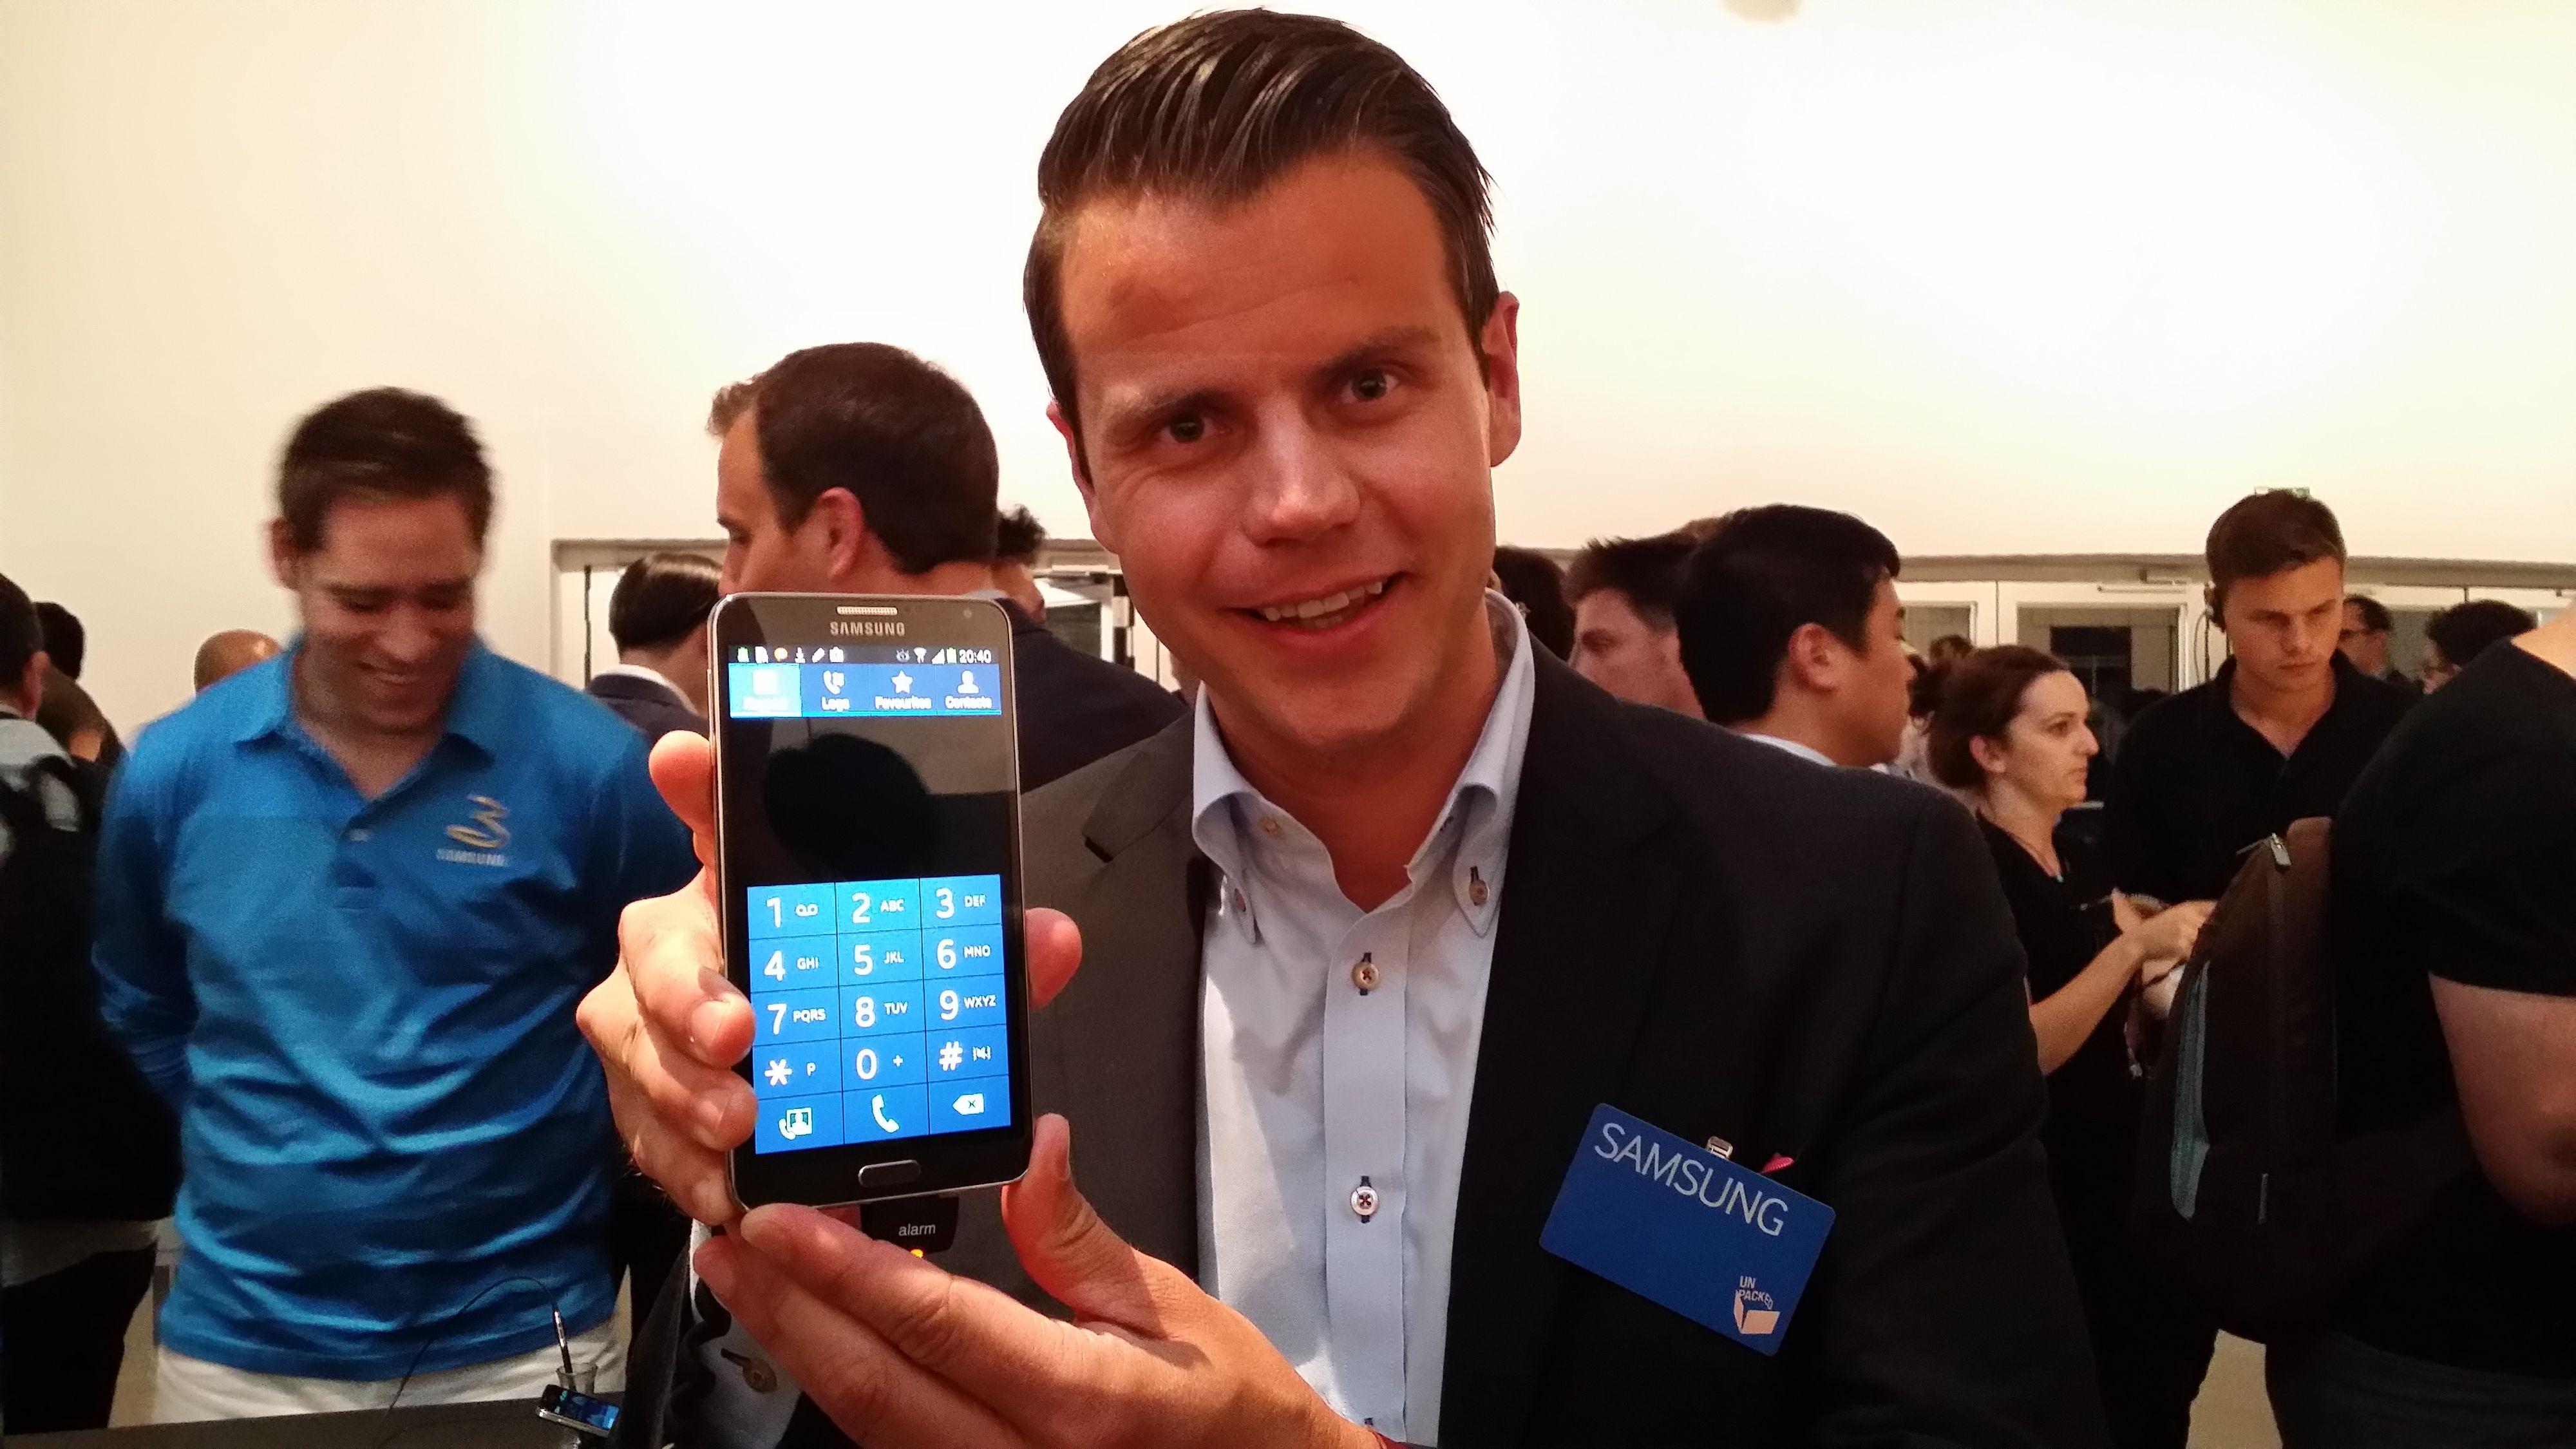 Samsungs Tor Slørdal fotografert med kameraet på Galaxy Note 3. Foto: Espen Irwing Swang, Amobil.no